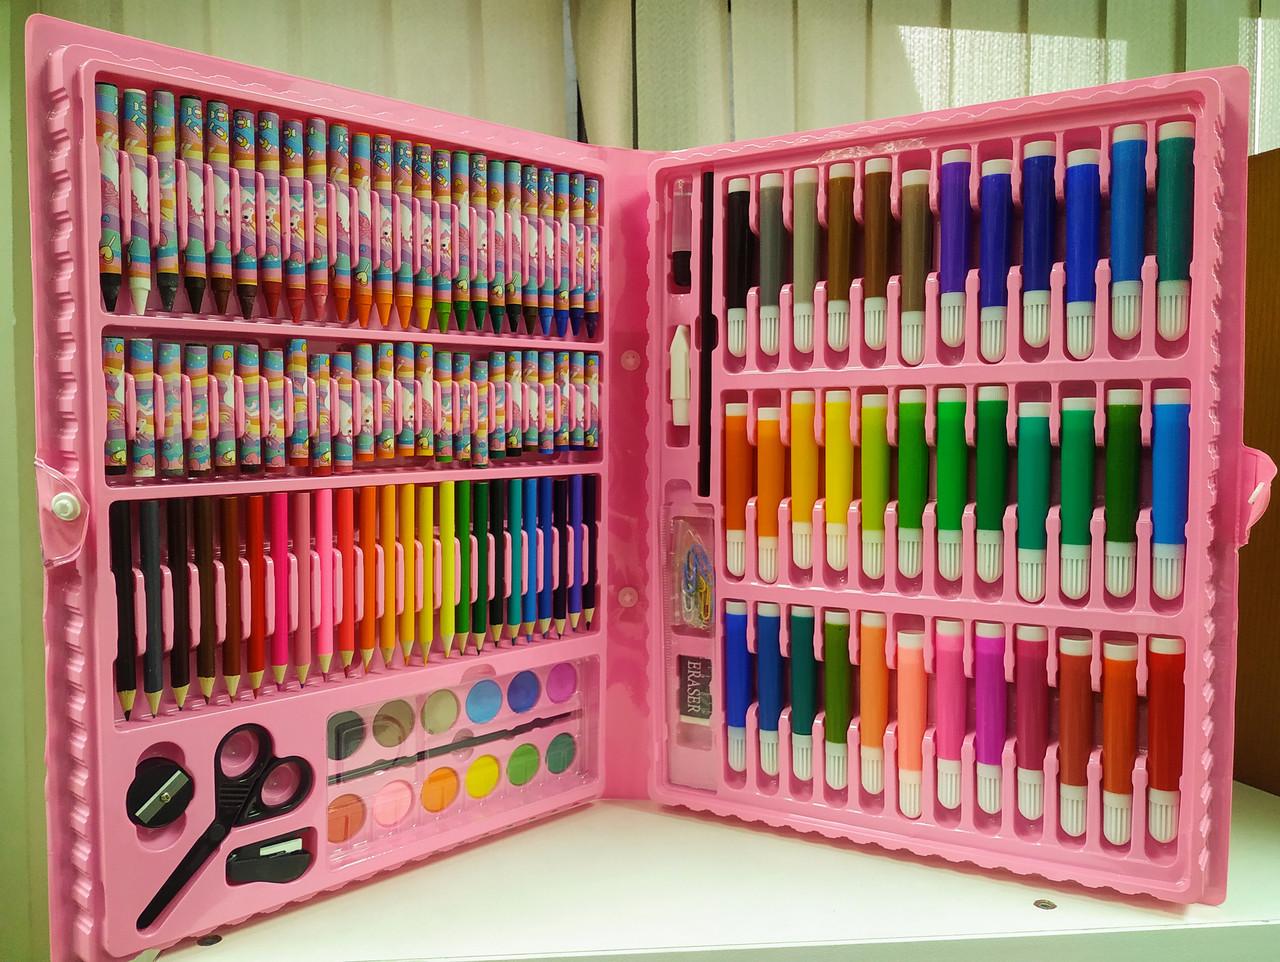 Детский набор для творчества 150 предметов (художественный набор для рисования в чемоданчике) - фото 4